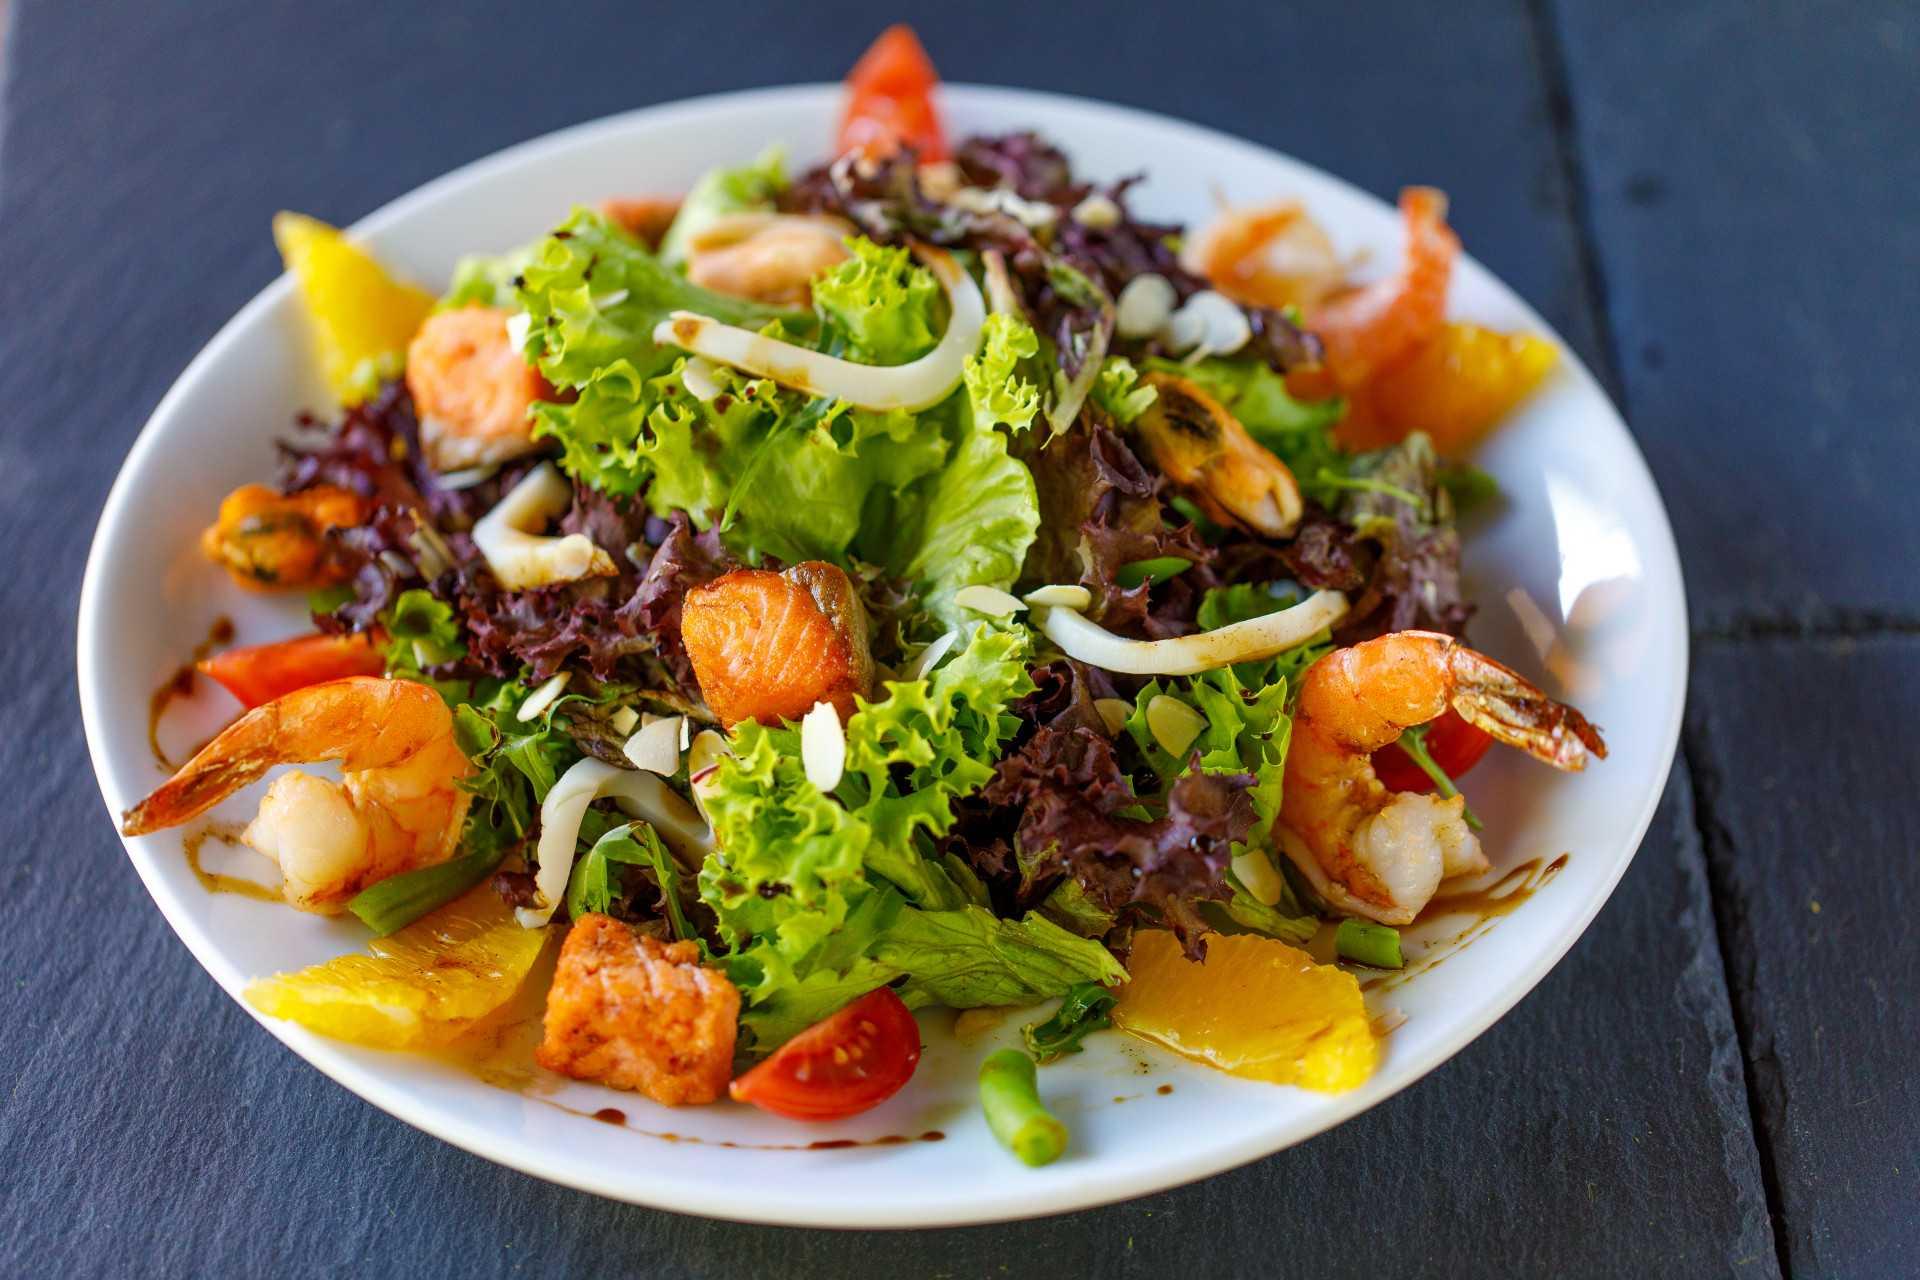 Теплый салат из морепродуктов: рецепт с фото очень вкусный, пошагово